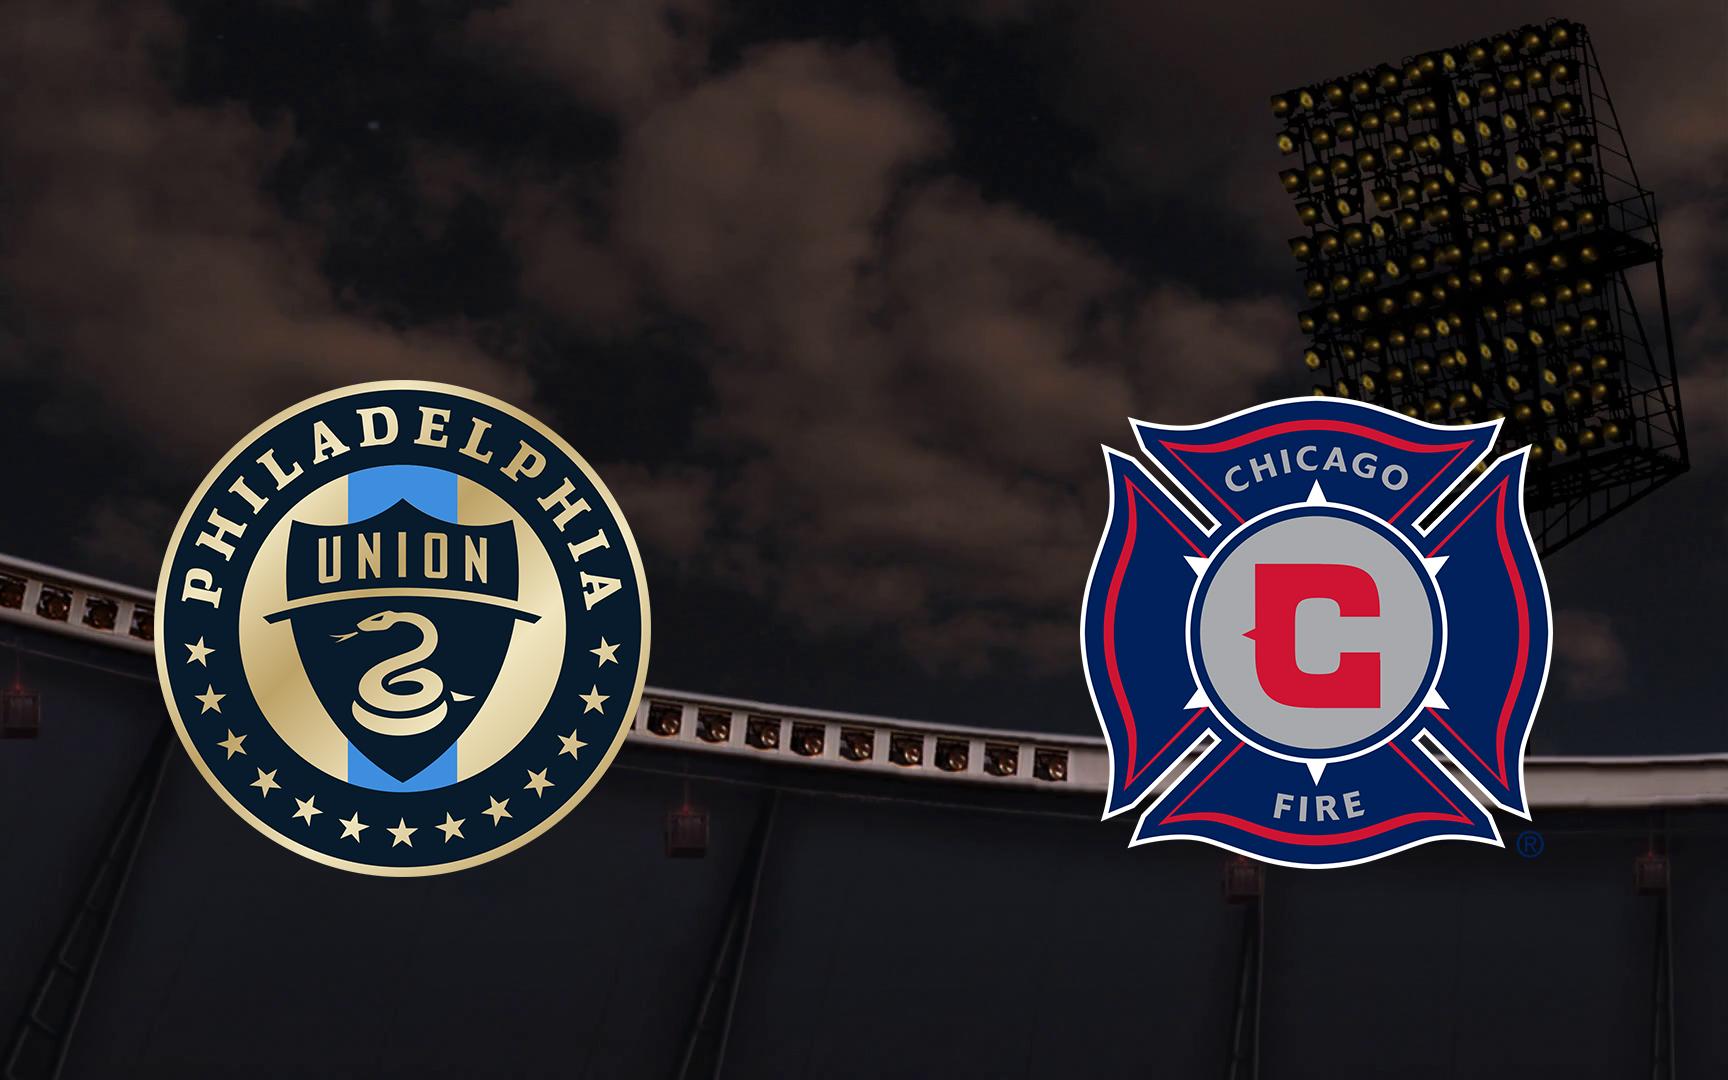 philadelphia-union-vs-chicago-fire-tip-bong-da-9-8-2018 1